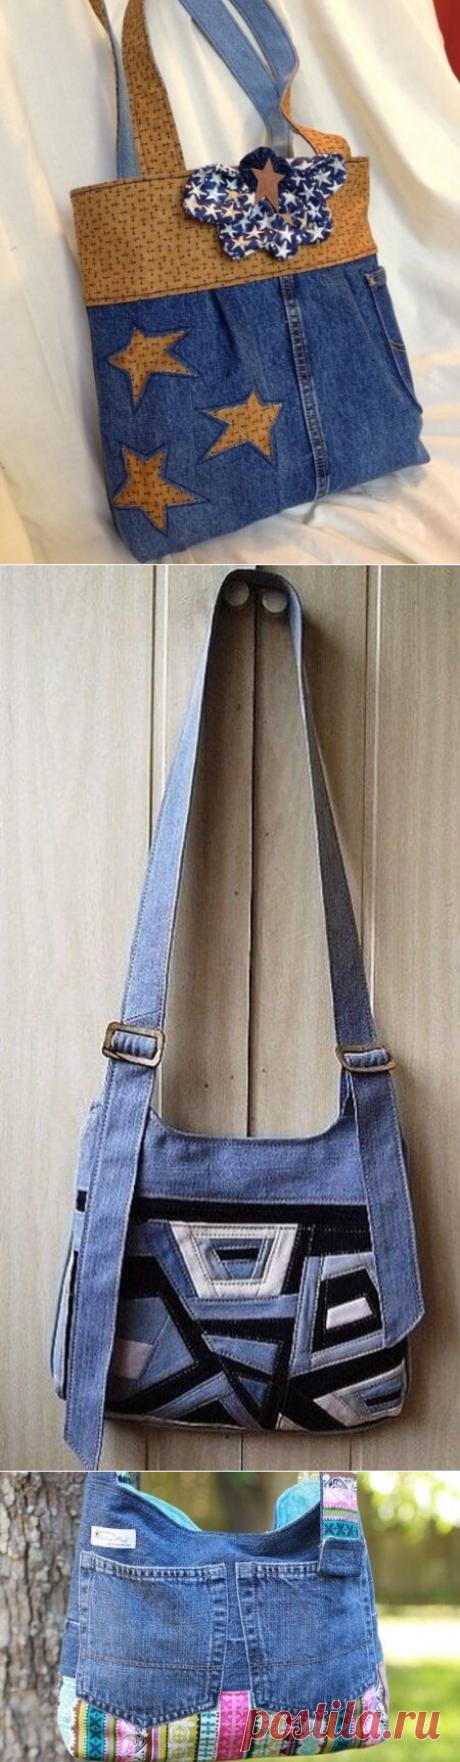 Сумки из старых джинсов. 122 идеи для вдохновения!   Страница 3 из 7   В темпі життя